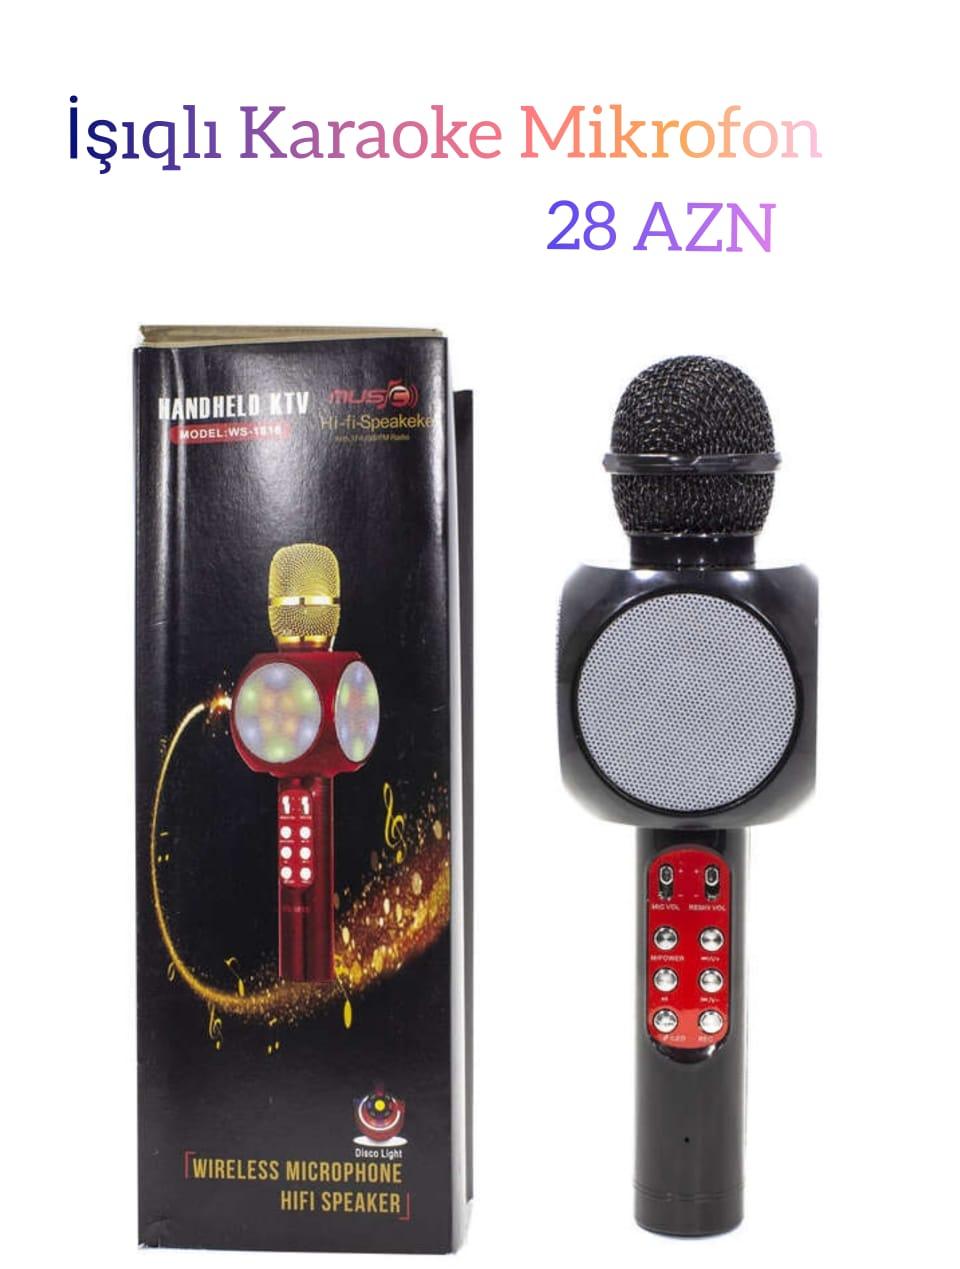 İşıqlı karaoke mikrofon satılır. Qiymət 28 AZN. Ən ucuz və keyfiyyətli elektronika mallarını bizdən alın. Çatdırılma ödənişlidir. Bölgələrə poçt vasitəsilə göndərmə mümkündür. Sifariş üçün votsappla əlaqə saxlayın.